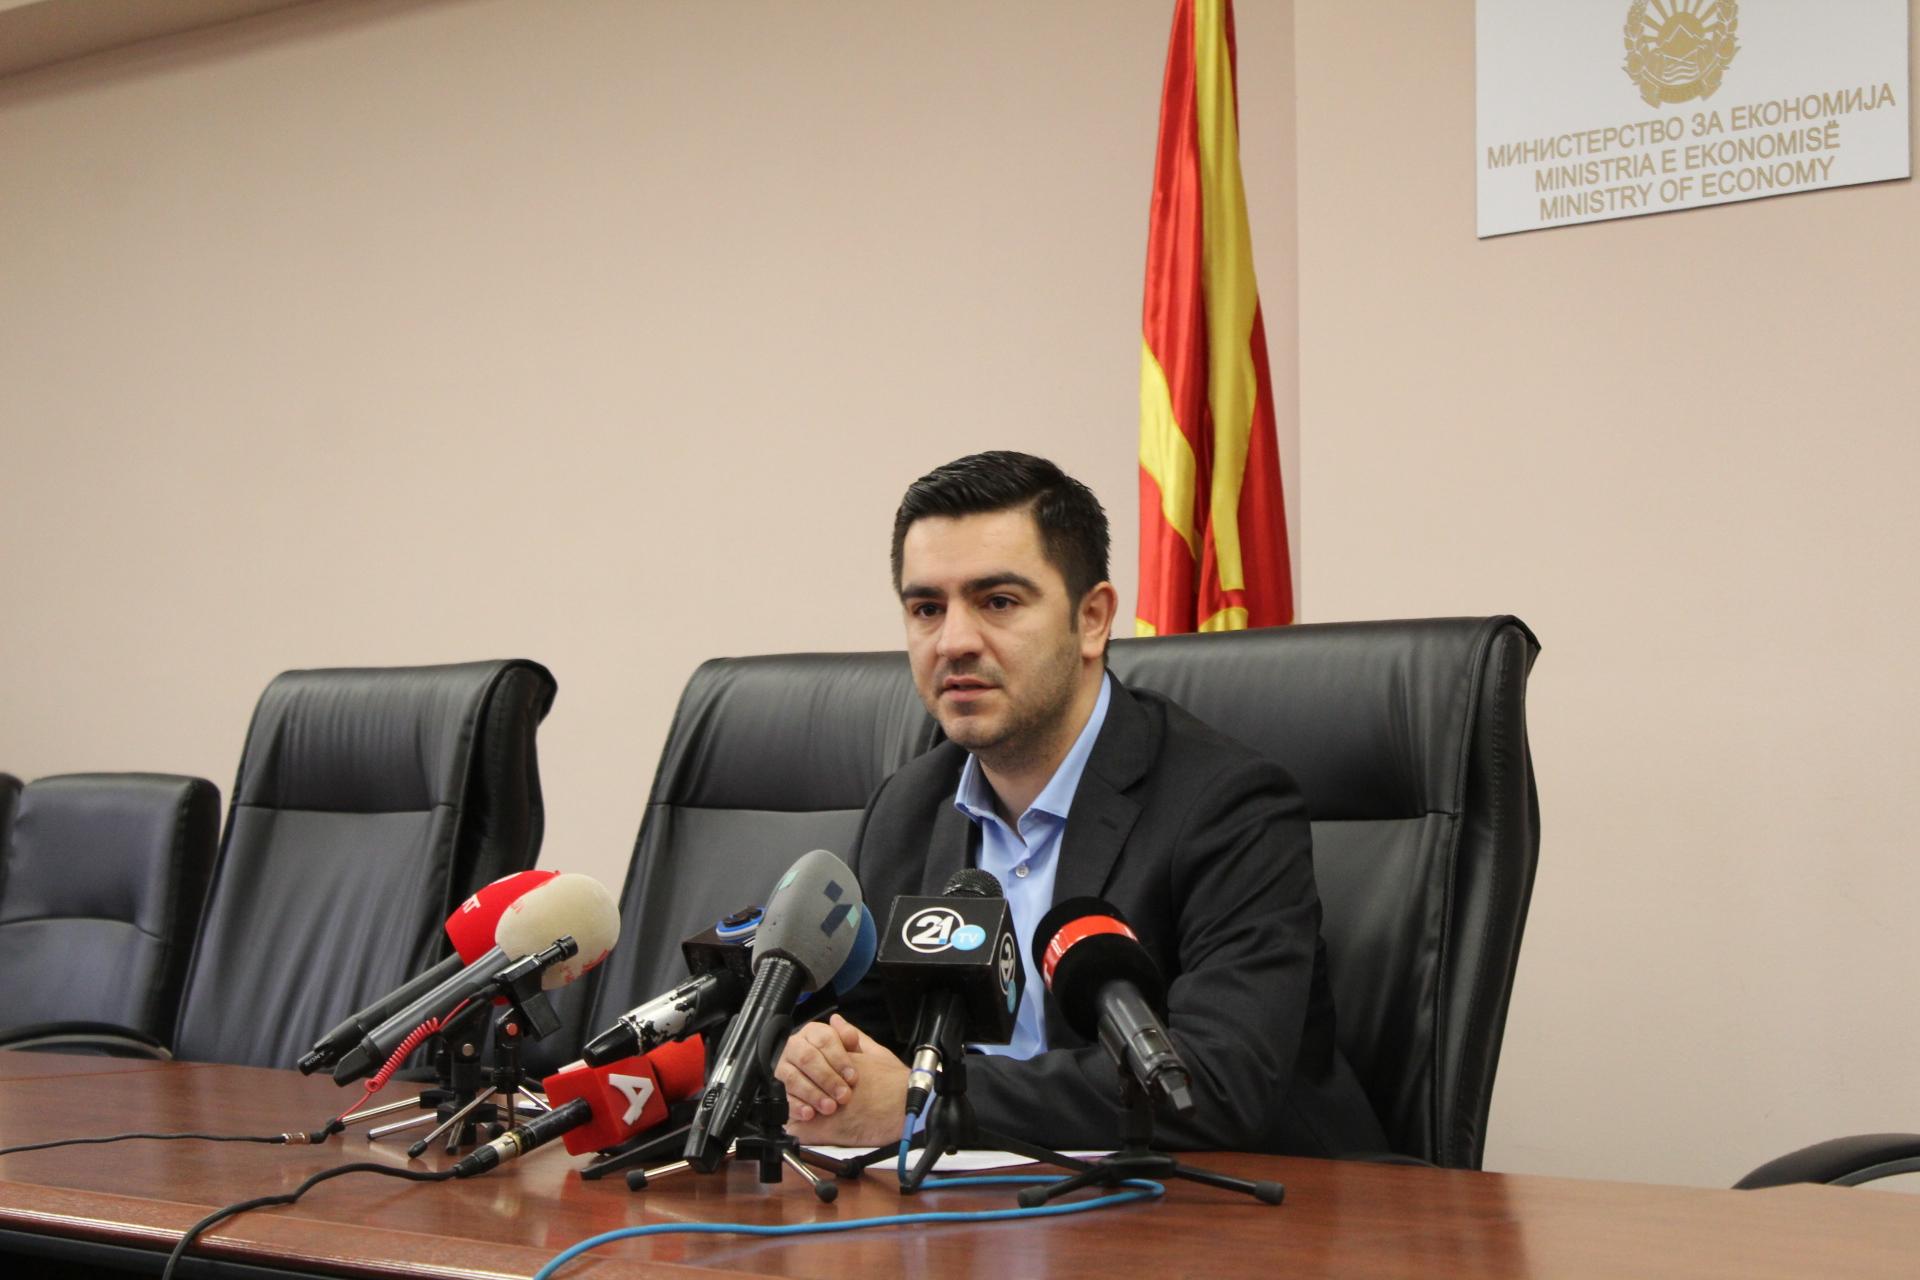 Реализацијата на петтиот сет економски мерки ќе започне во февруари